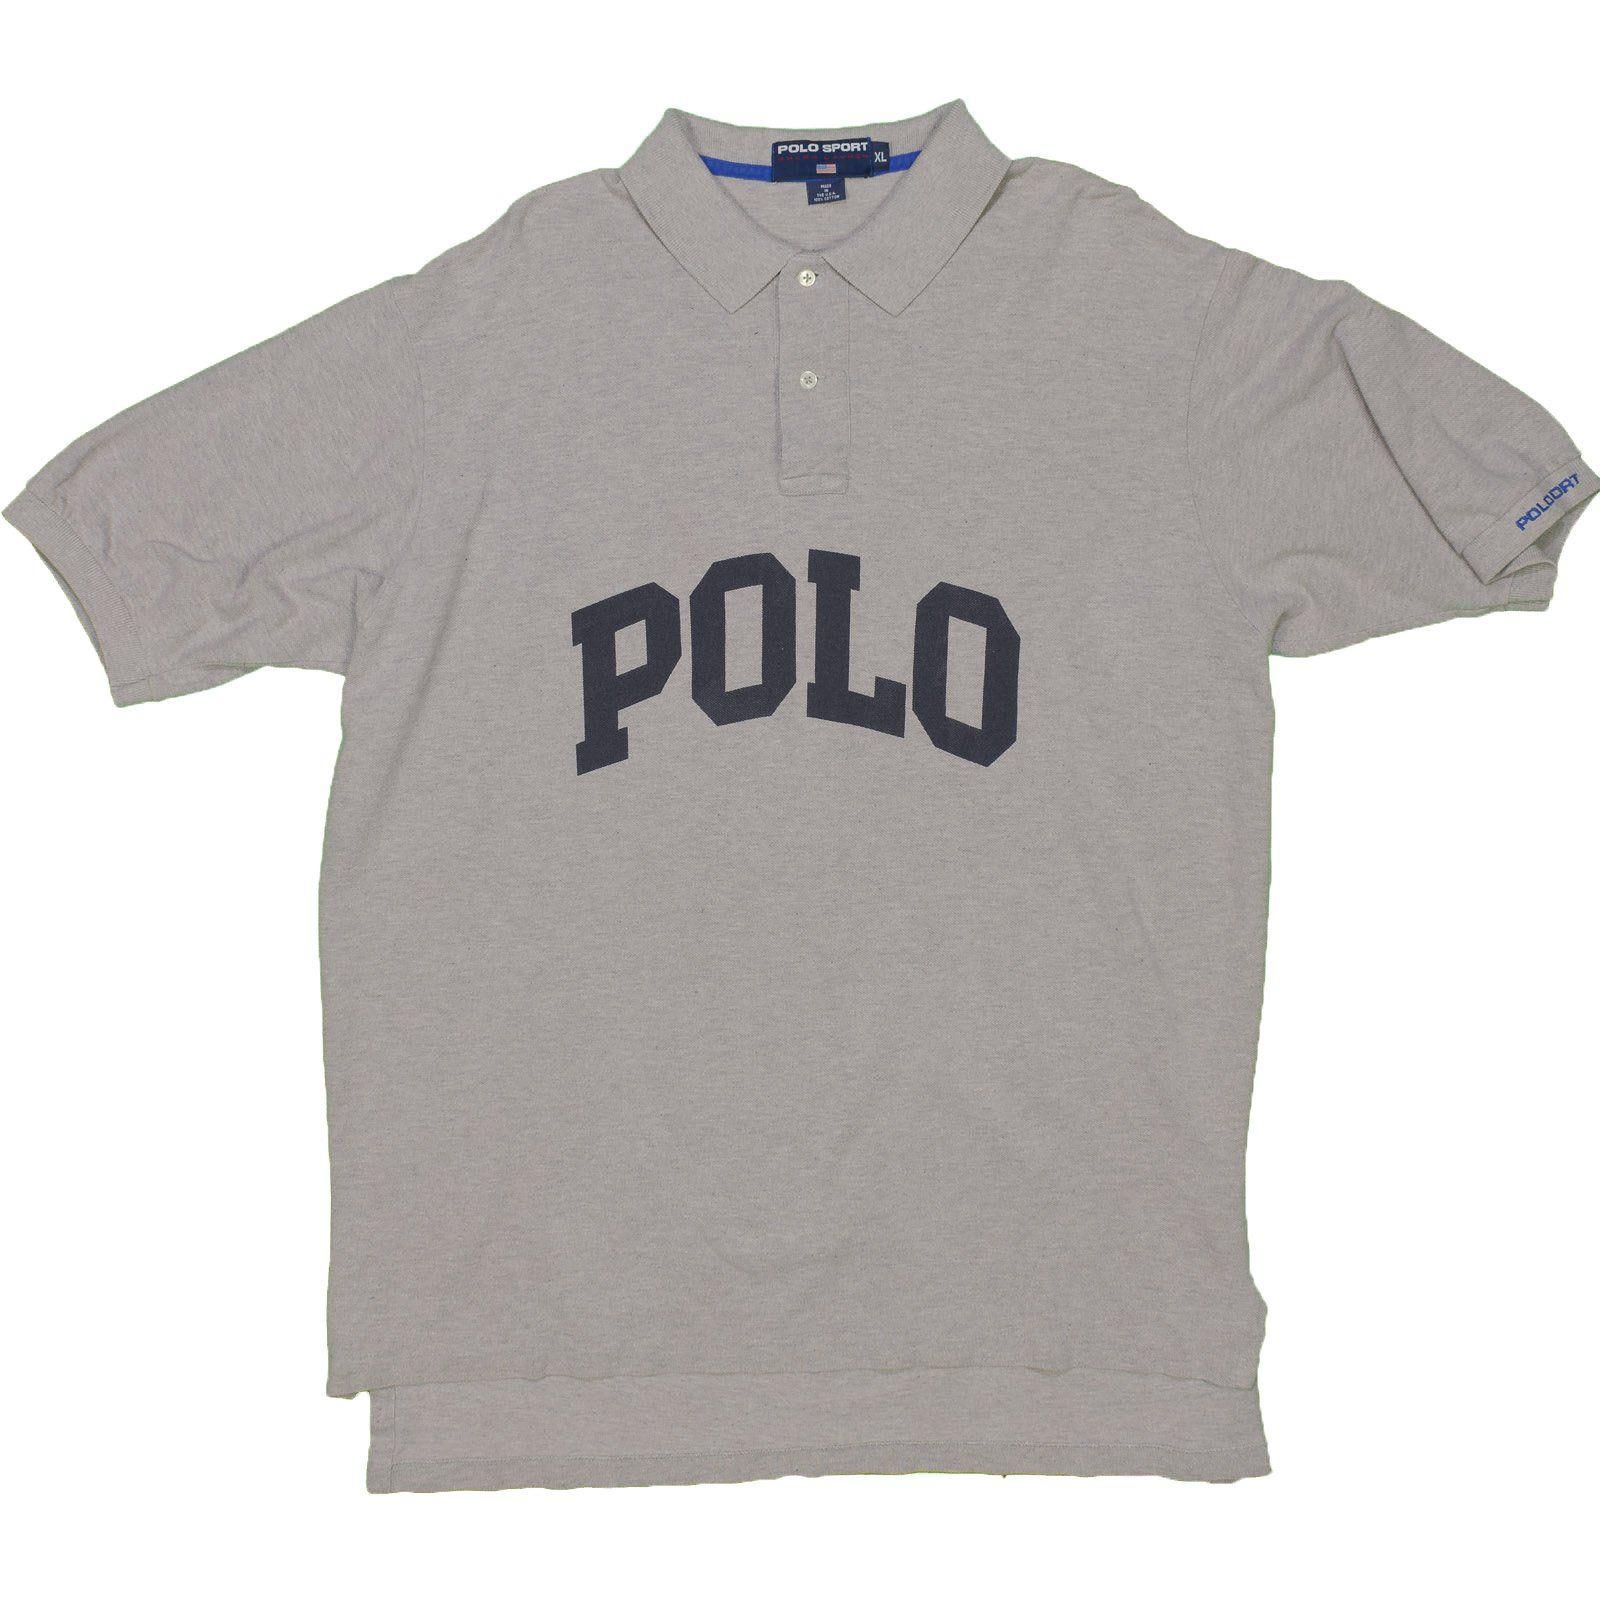 Polo Sport Ralph Lauren Men's Shirt Vintage XL Made USA